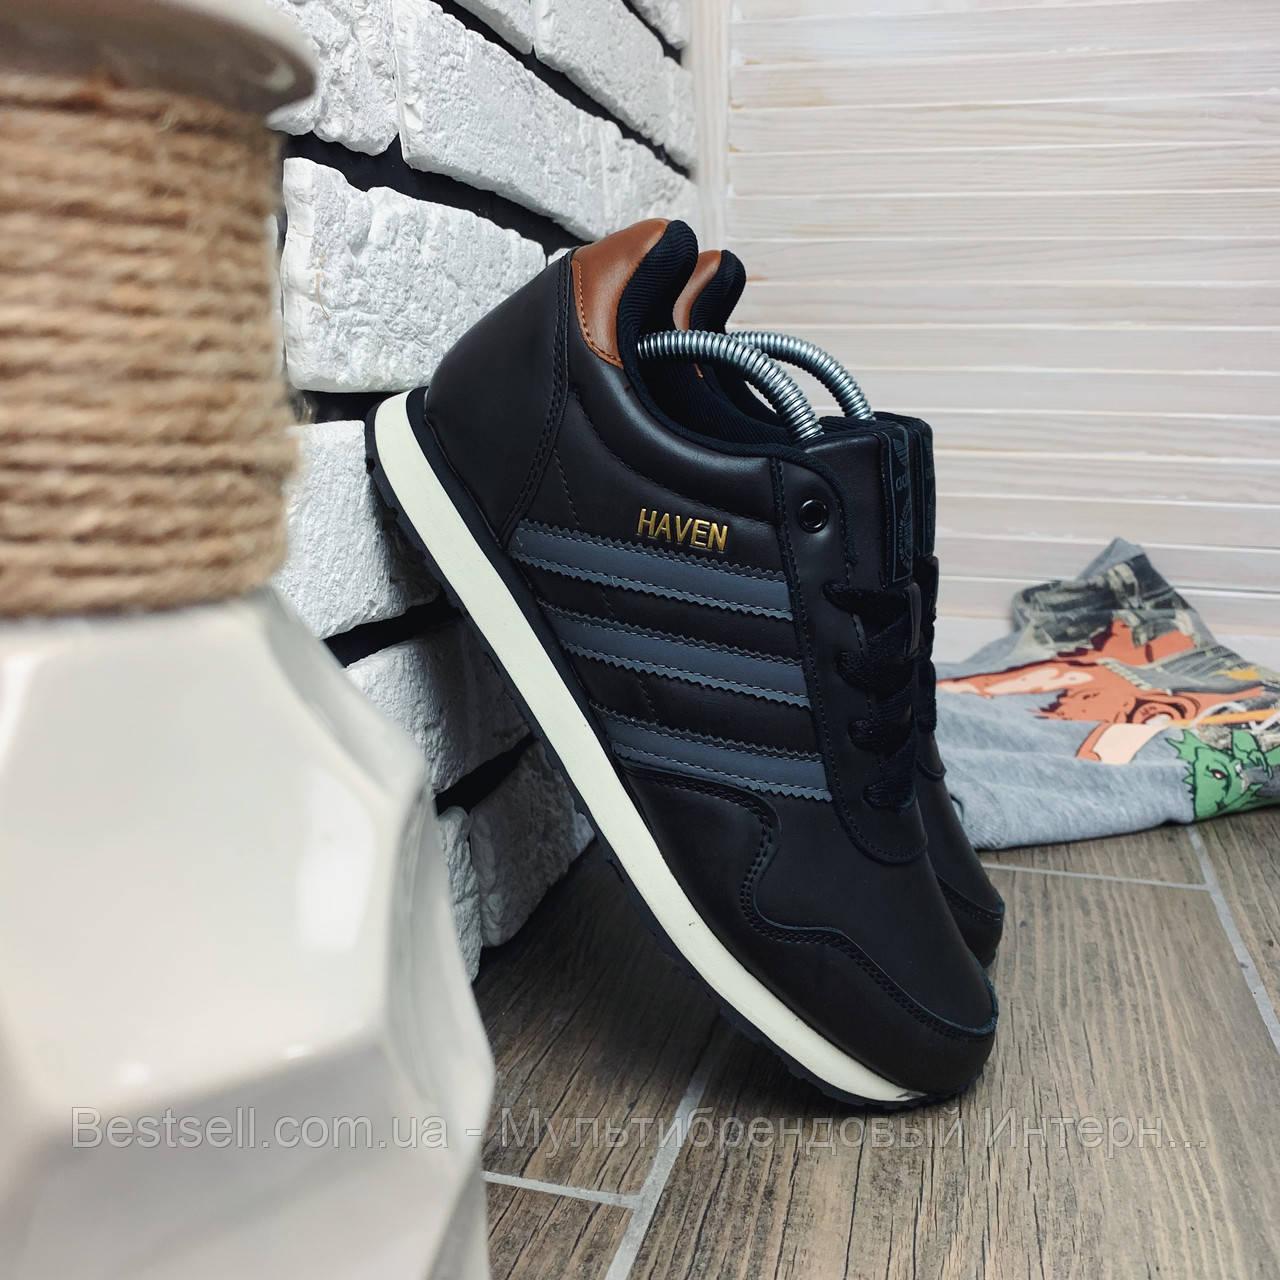 Кросівки Adidas HAVEN 30992 ⏩ [ 42 останній розмір]